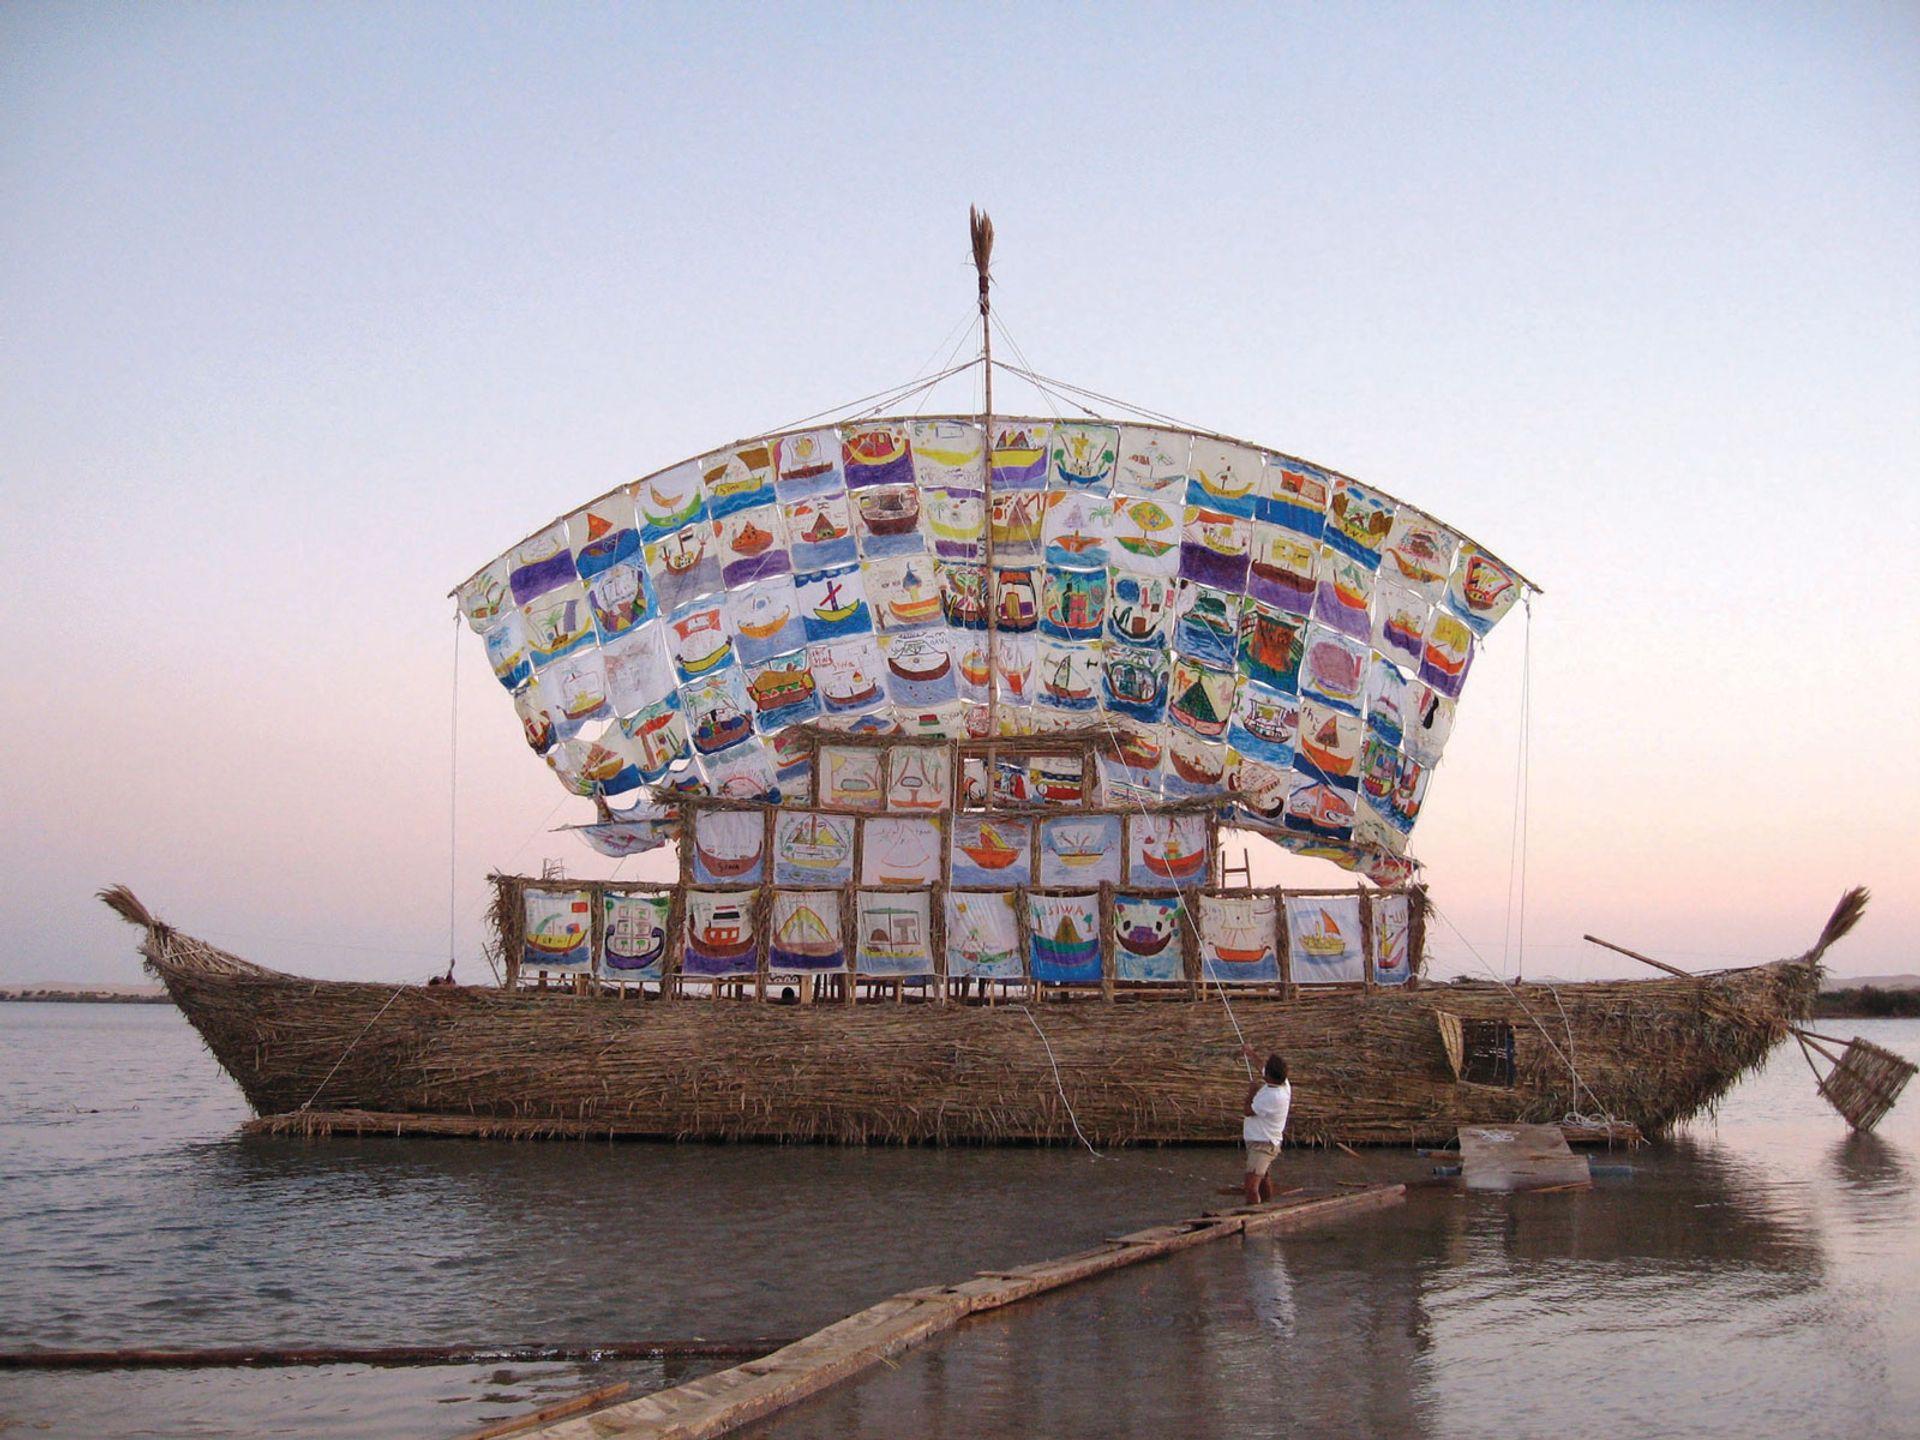 Ilya and Emilia Kabakov's The Ship of Tolerance in Siwa Oasis, Egypt, in 2005 Courtesy of the Ilya and Emilia Kabakov Foundation; Jenia Fridlyand